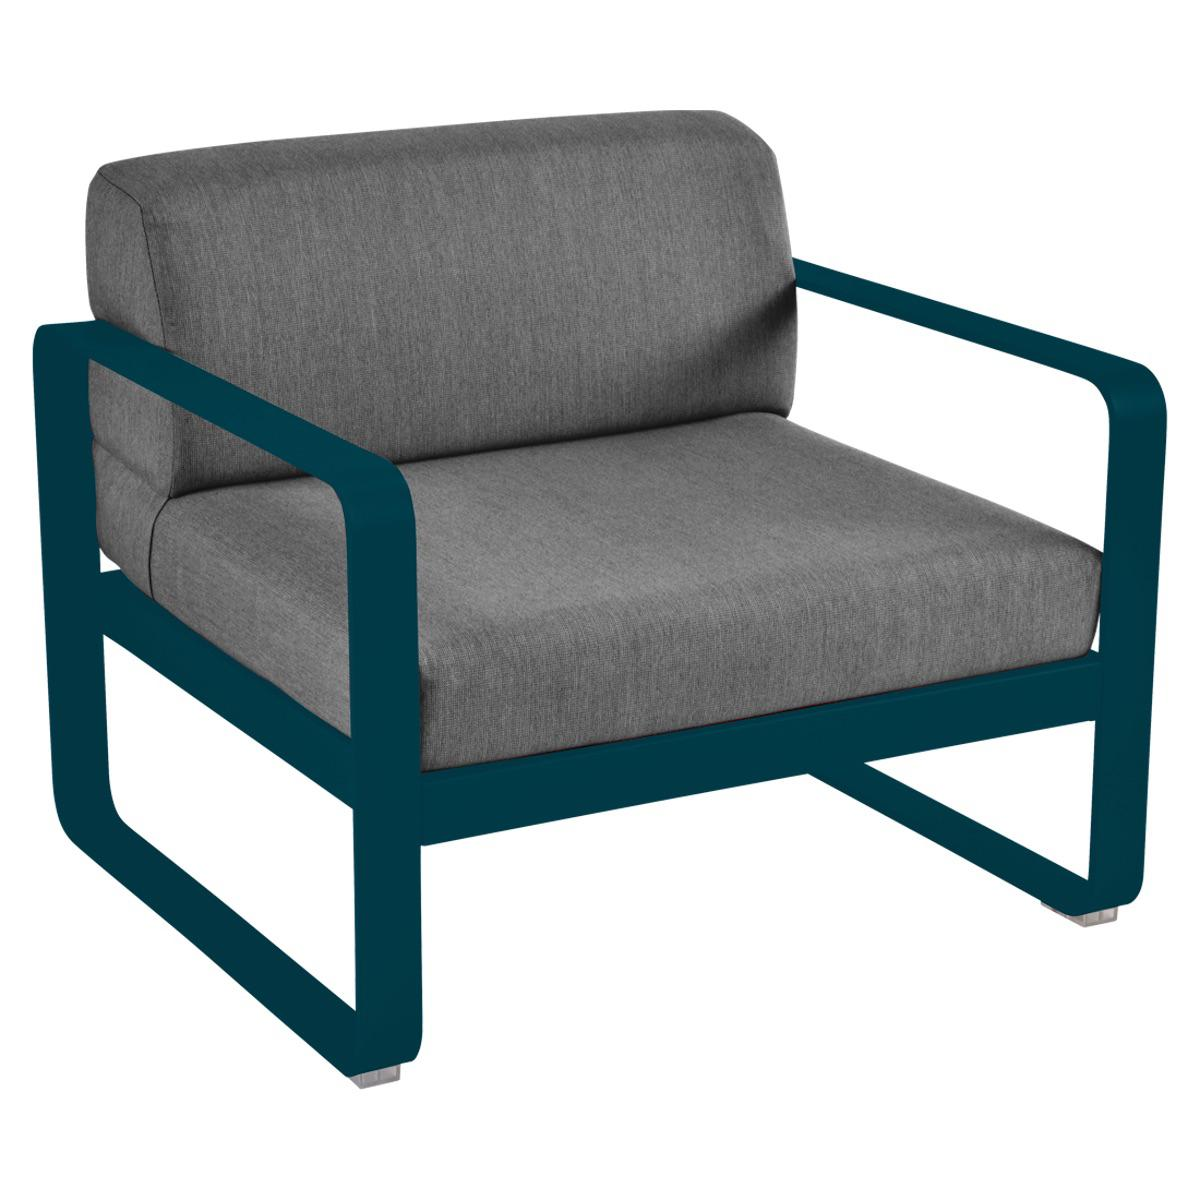 Fauteuil de jardin BELLEVIE Fermob bleu acapulco-gris graphite